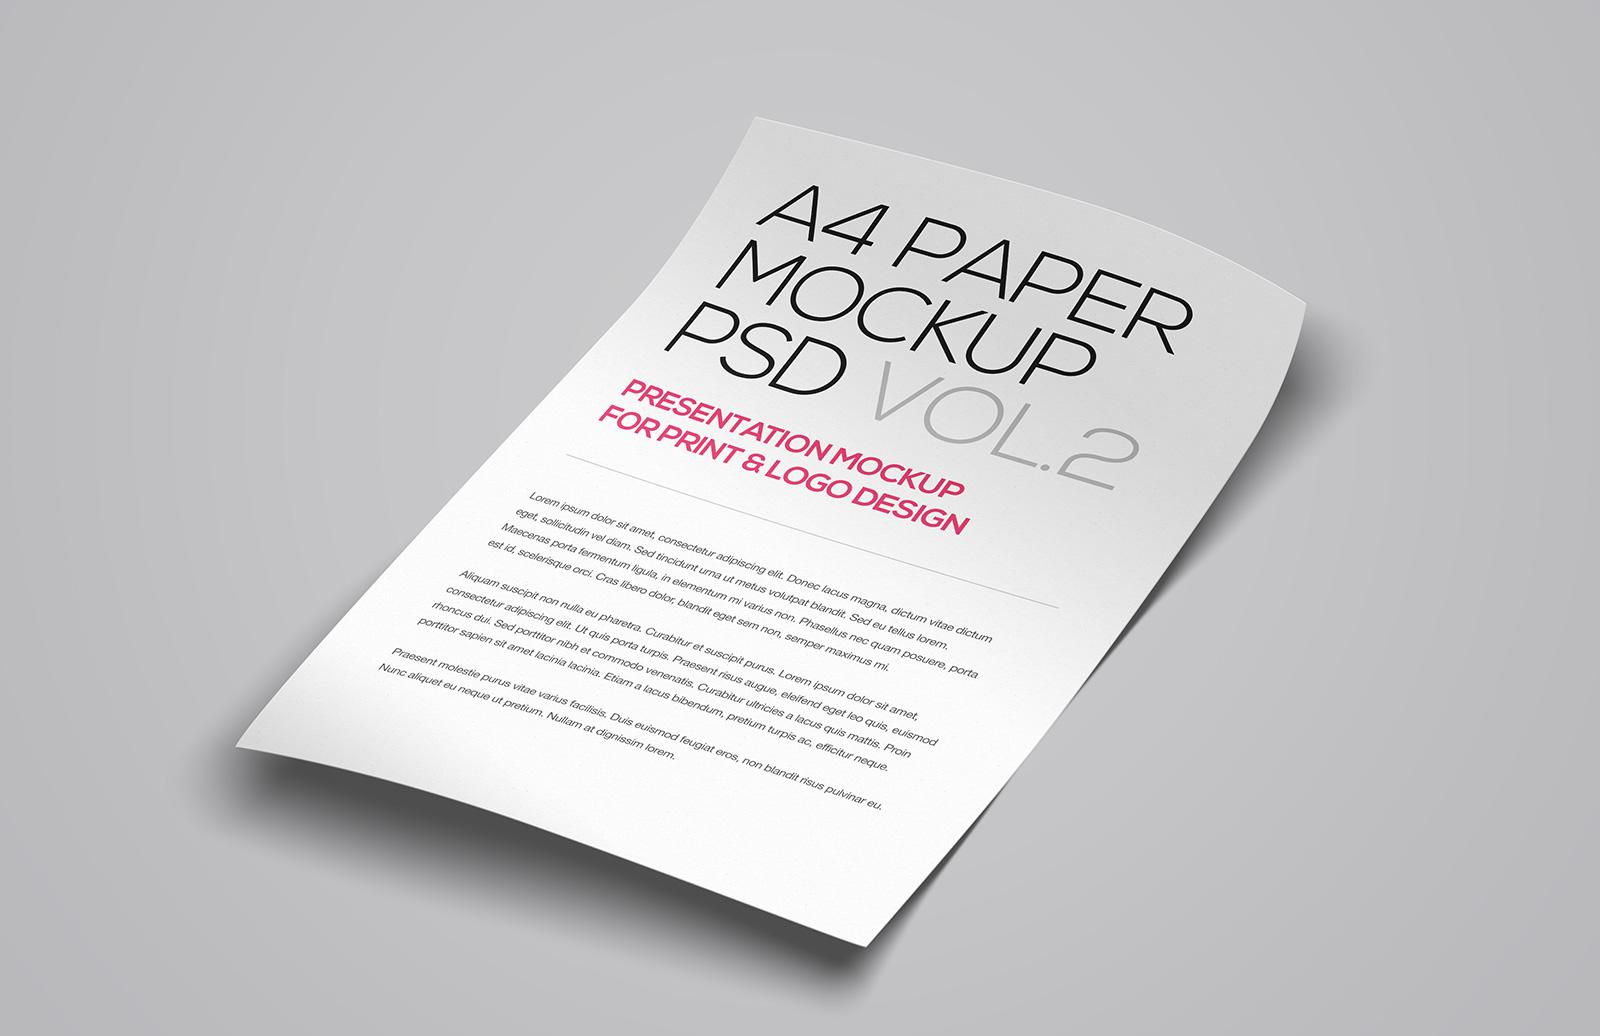 A4  Paper  Mockup  Vol 2  Preview 1